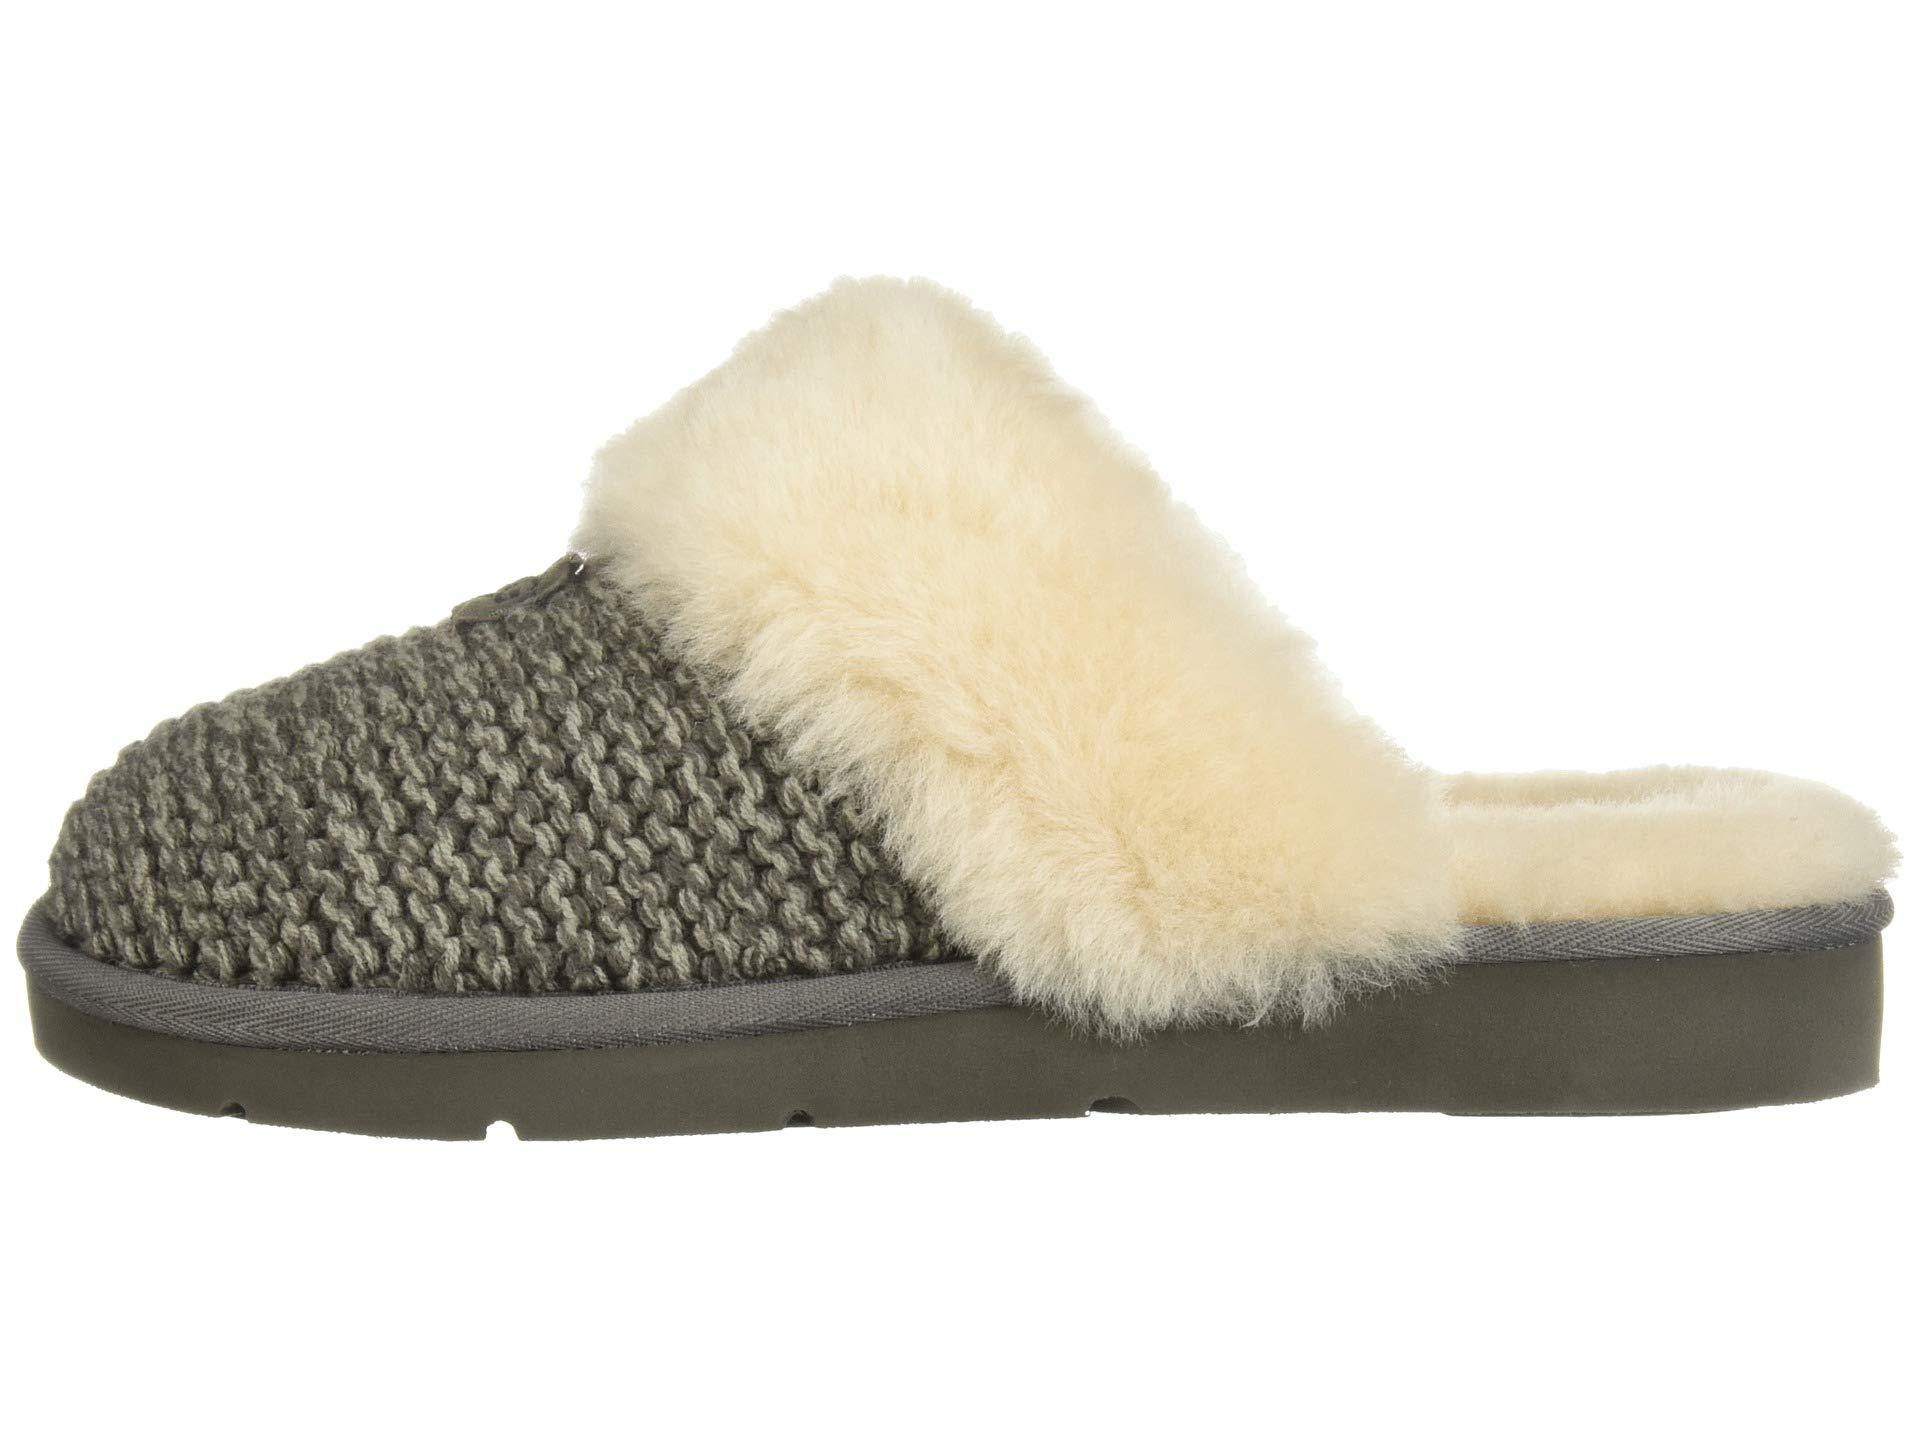 Ugg Slipper Ugg Cozy Charcoal Knit Knit Cozy xf1xq07w